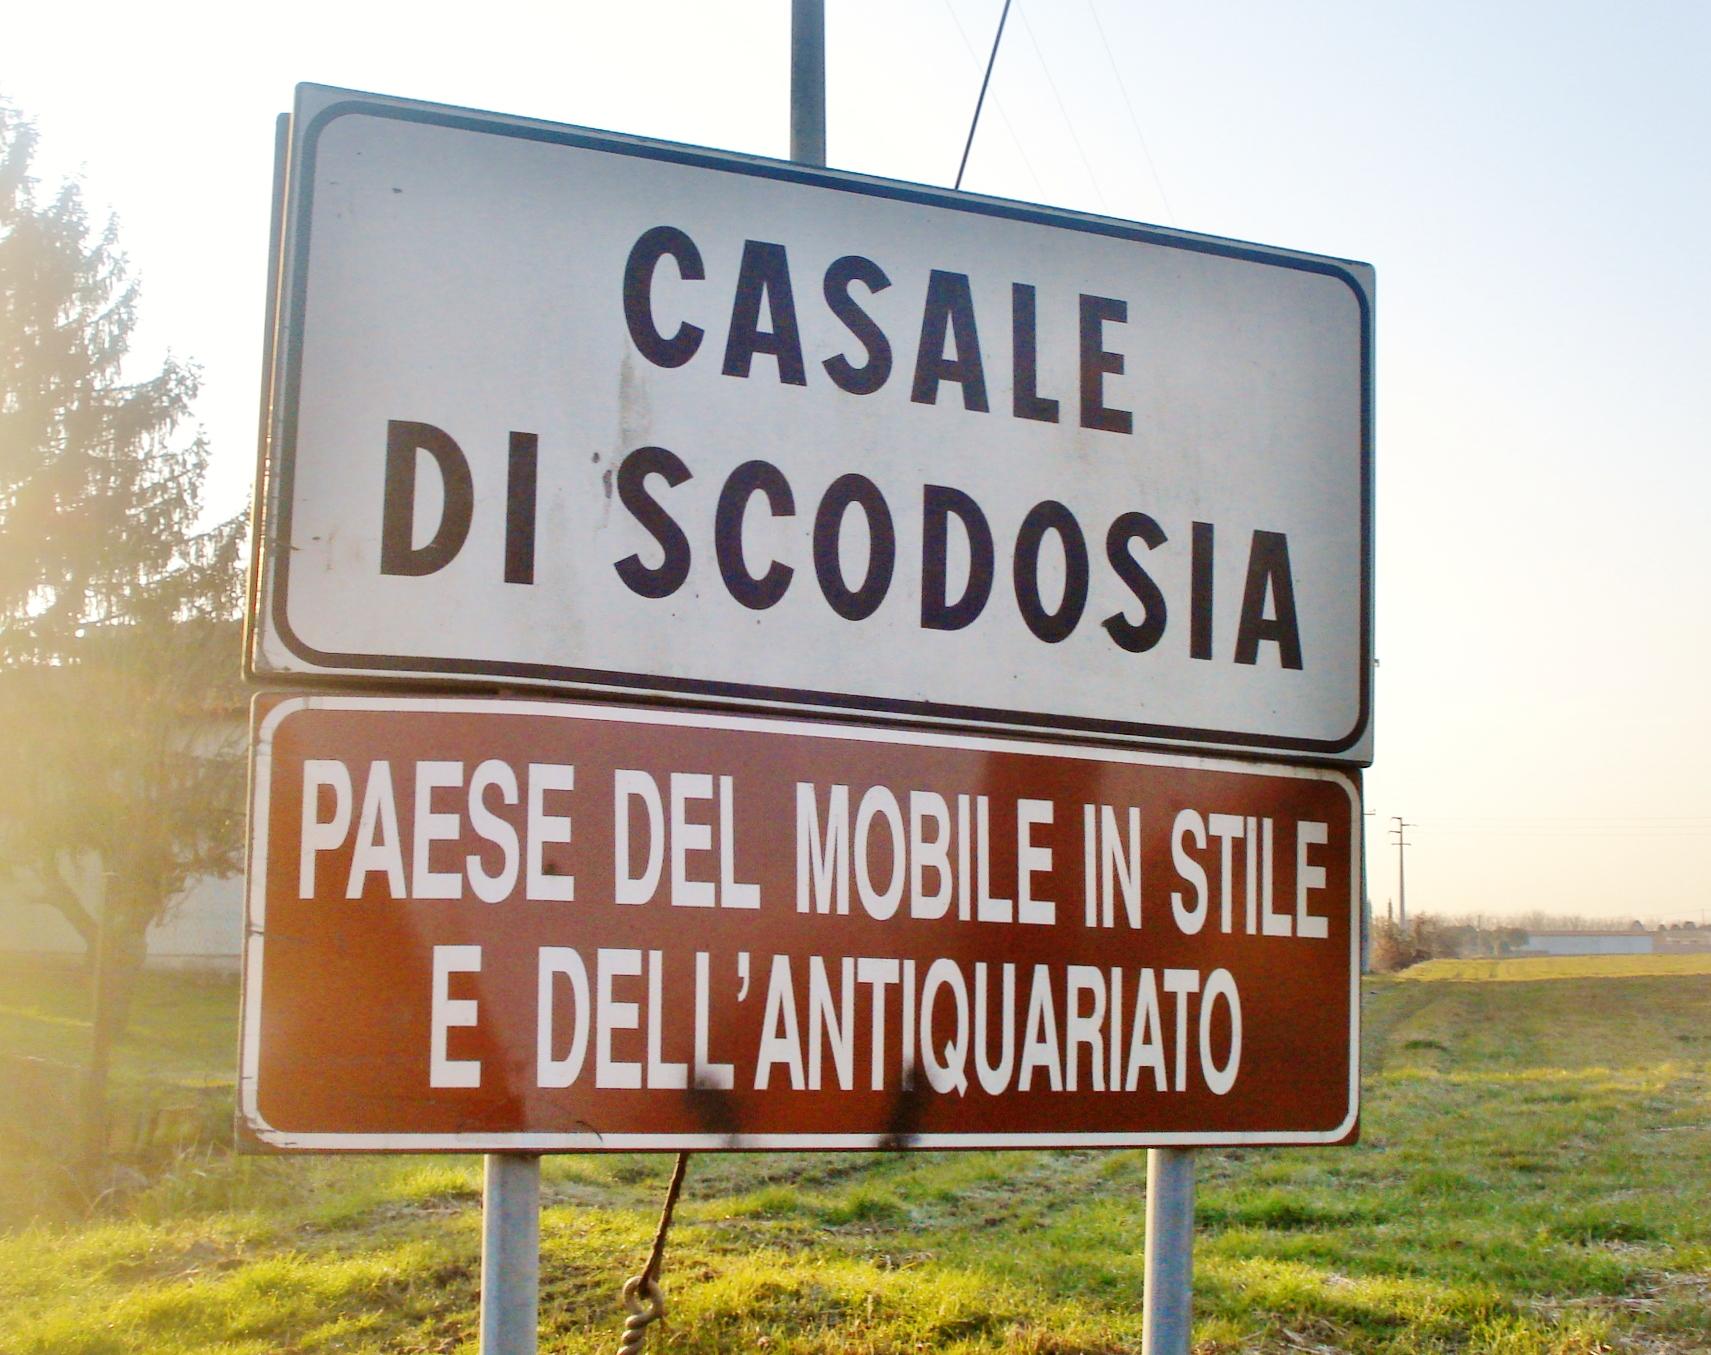 Casale di scodosia welcome sign paese del mobili - Casale di scodosia mobili ...